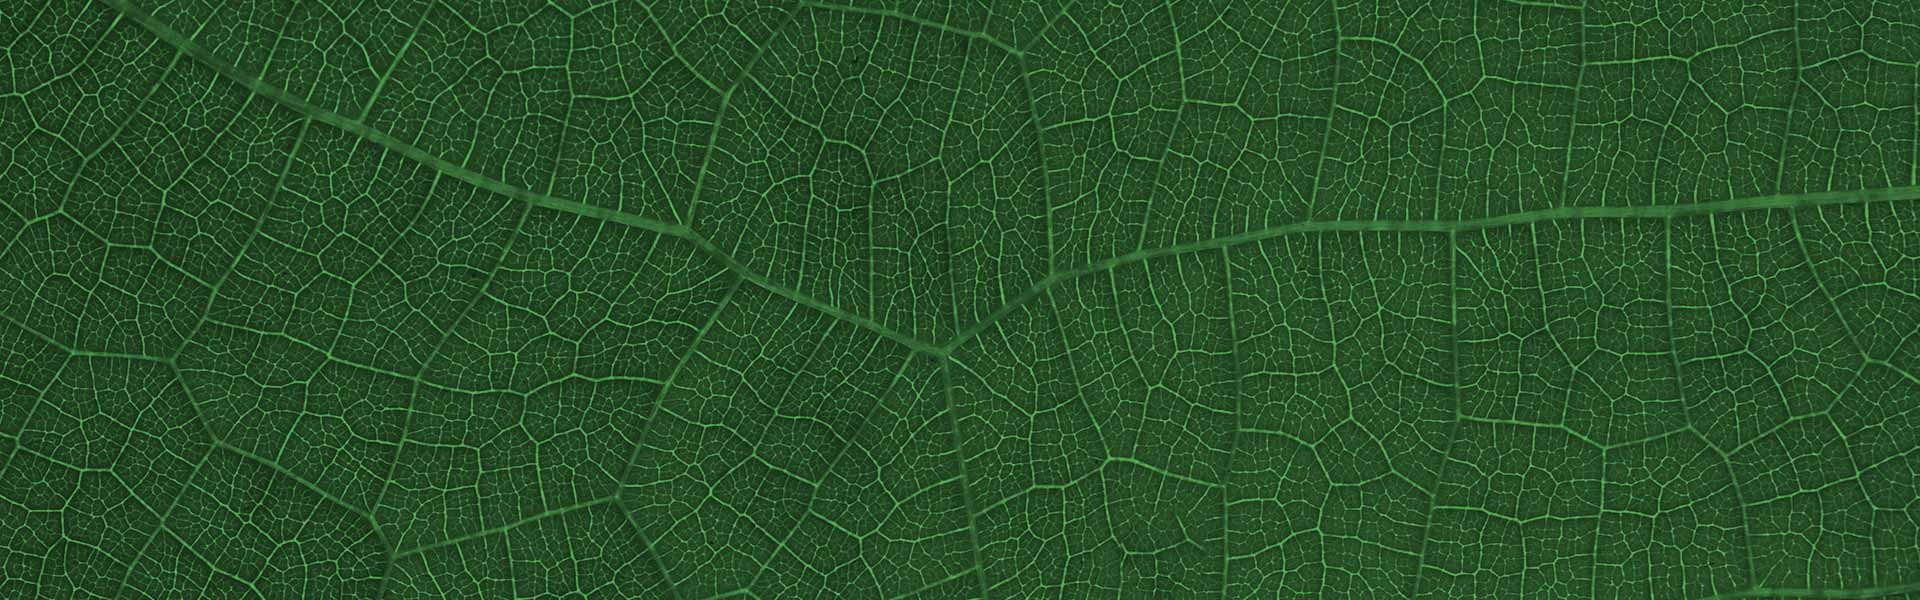 leaves-texture-bg-3